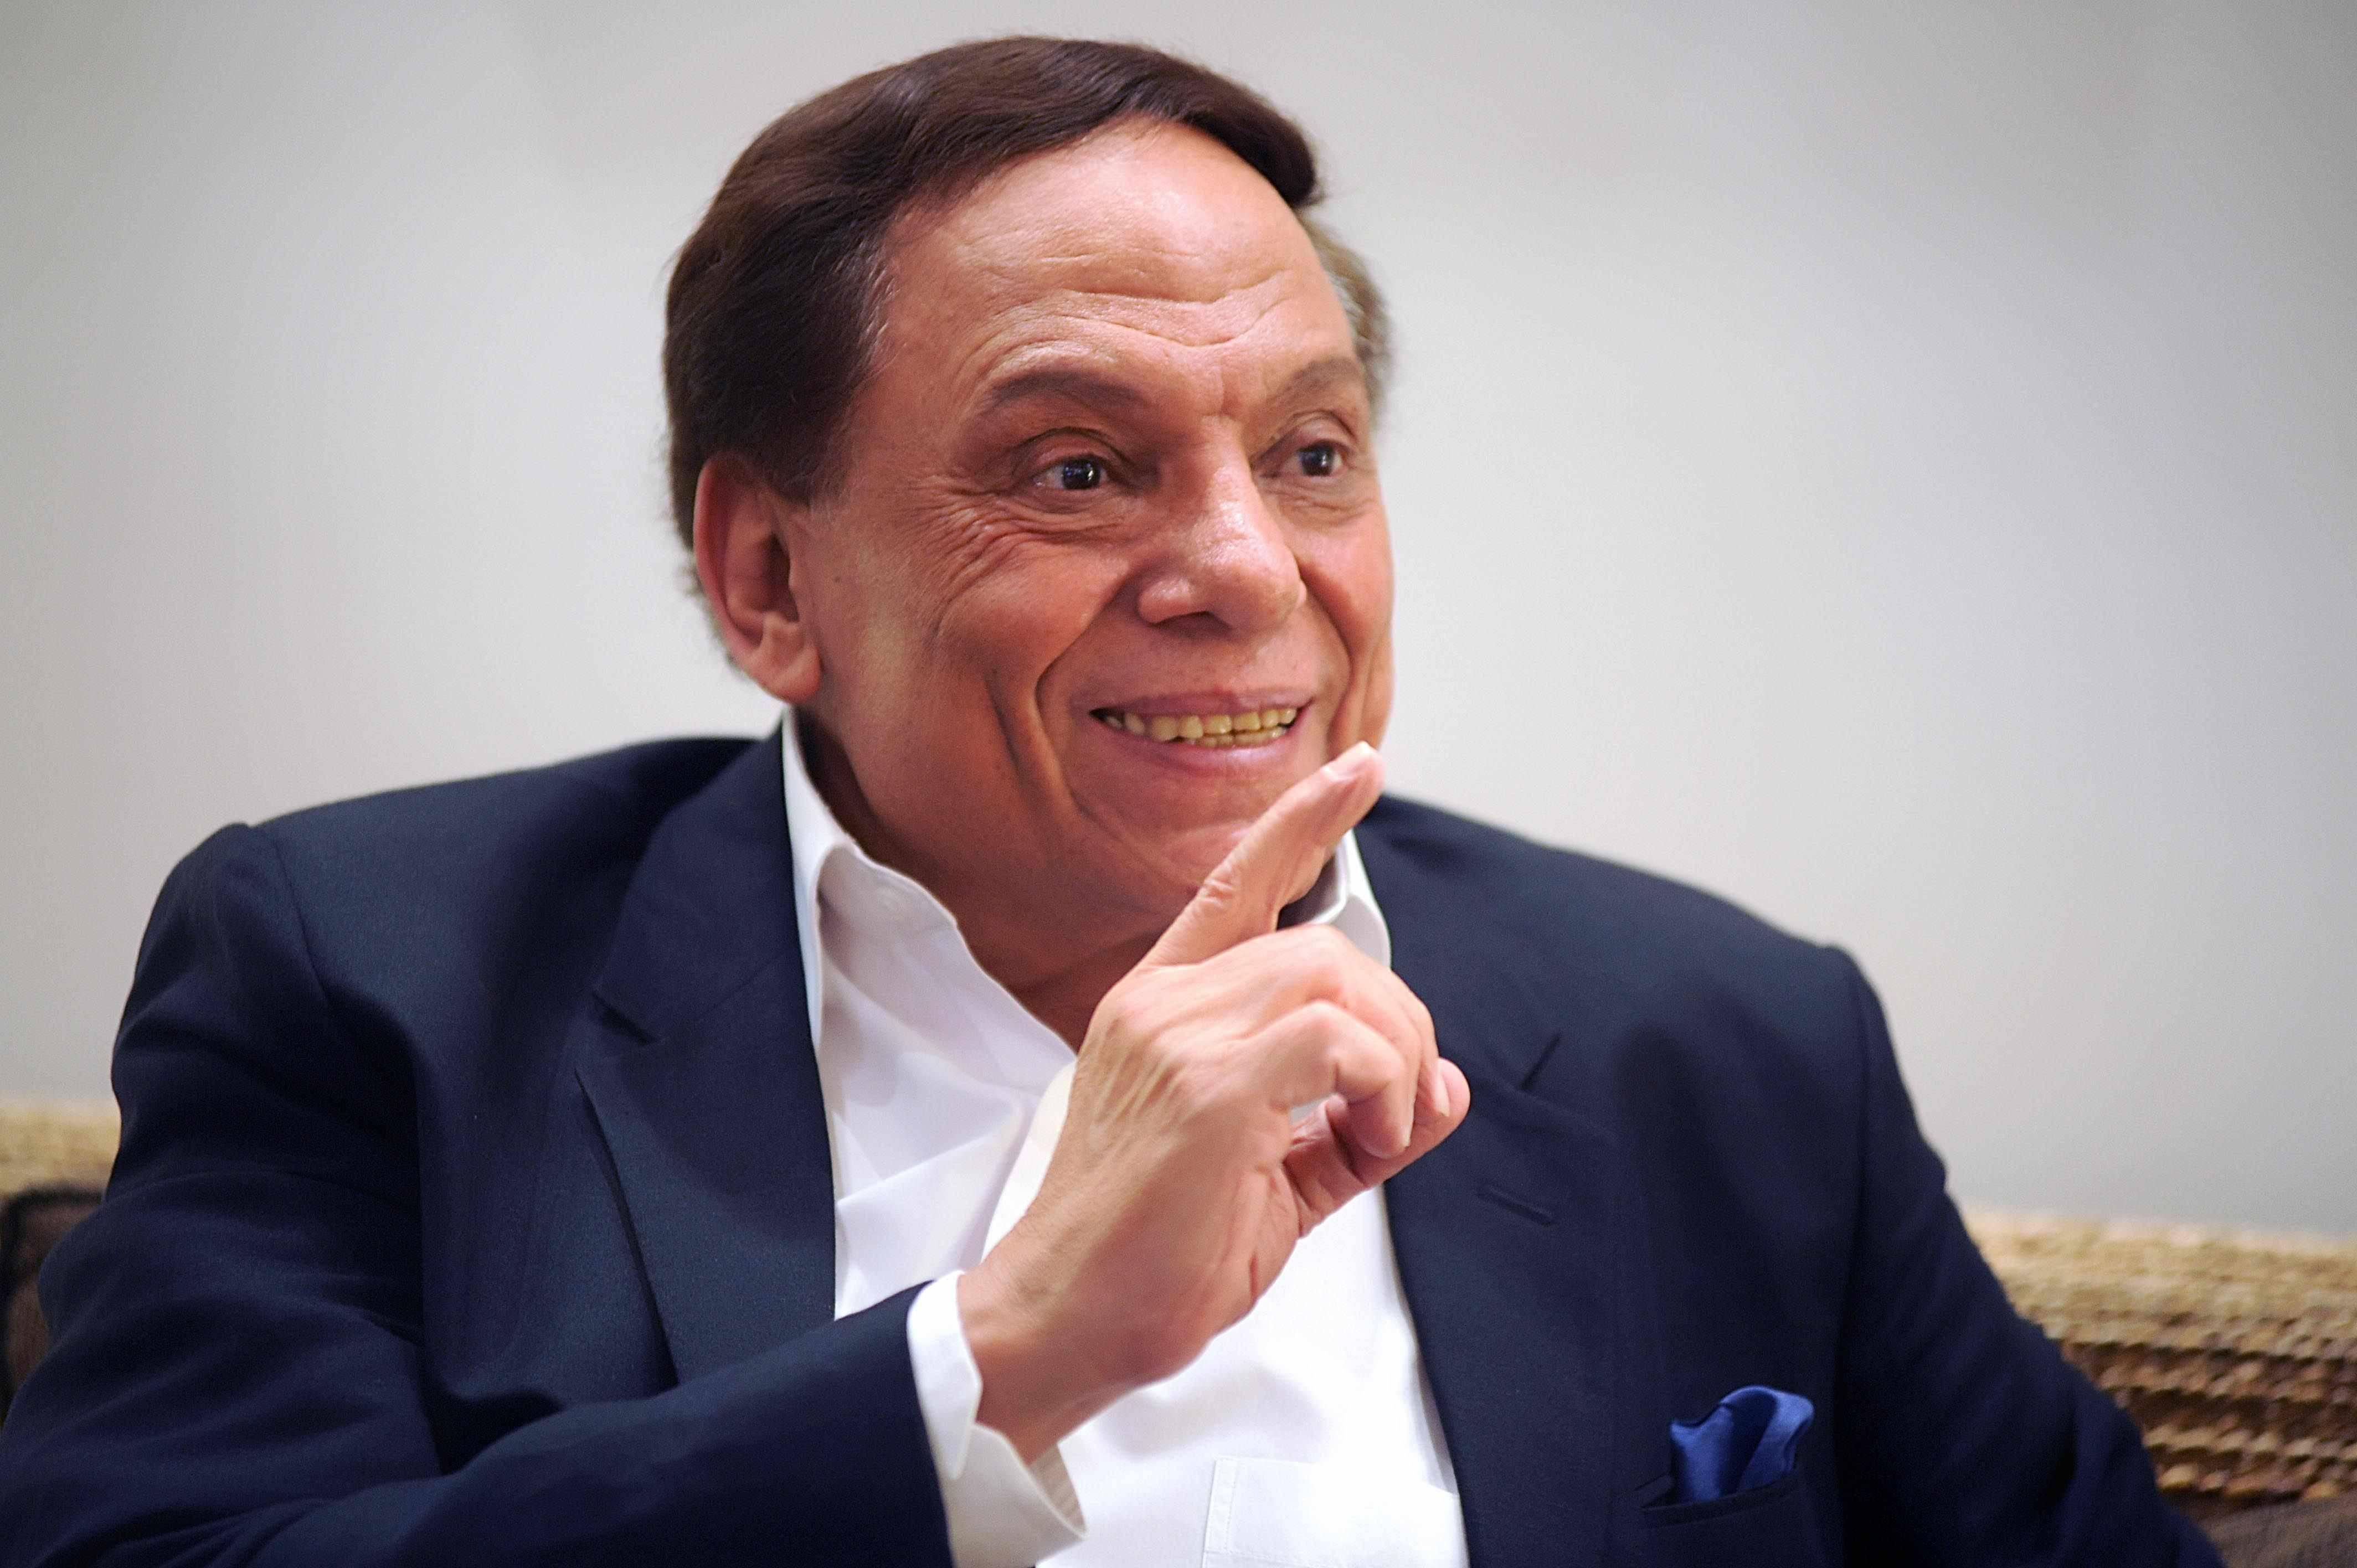 بالصور وفاة عادل امام المصري اليوم %D8%A7%D8%A7%D8%A7%D8%A7